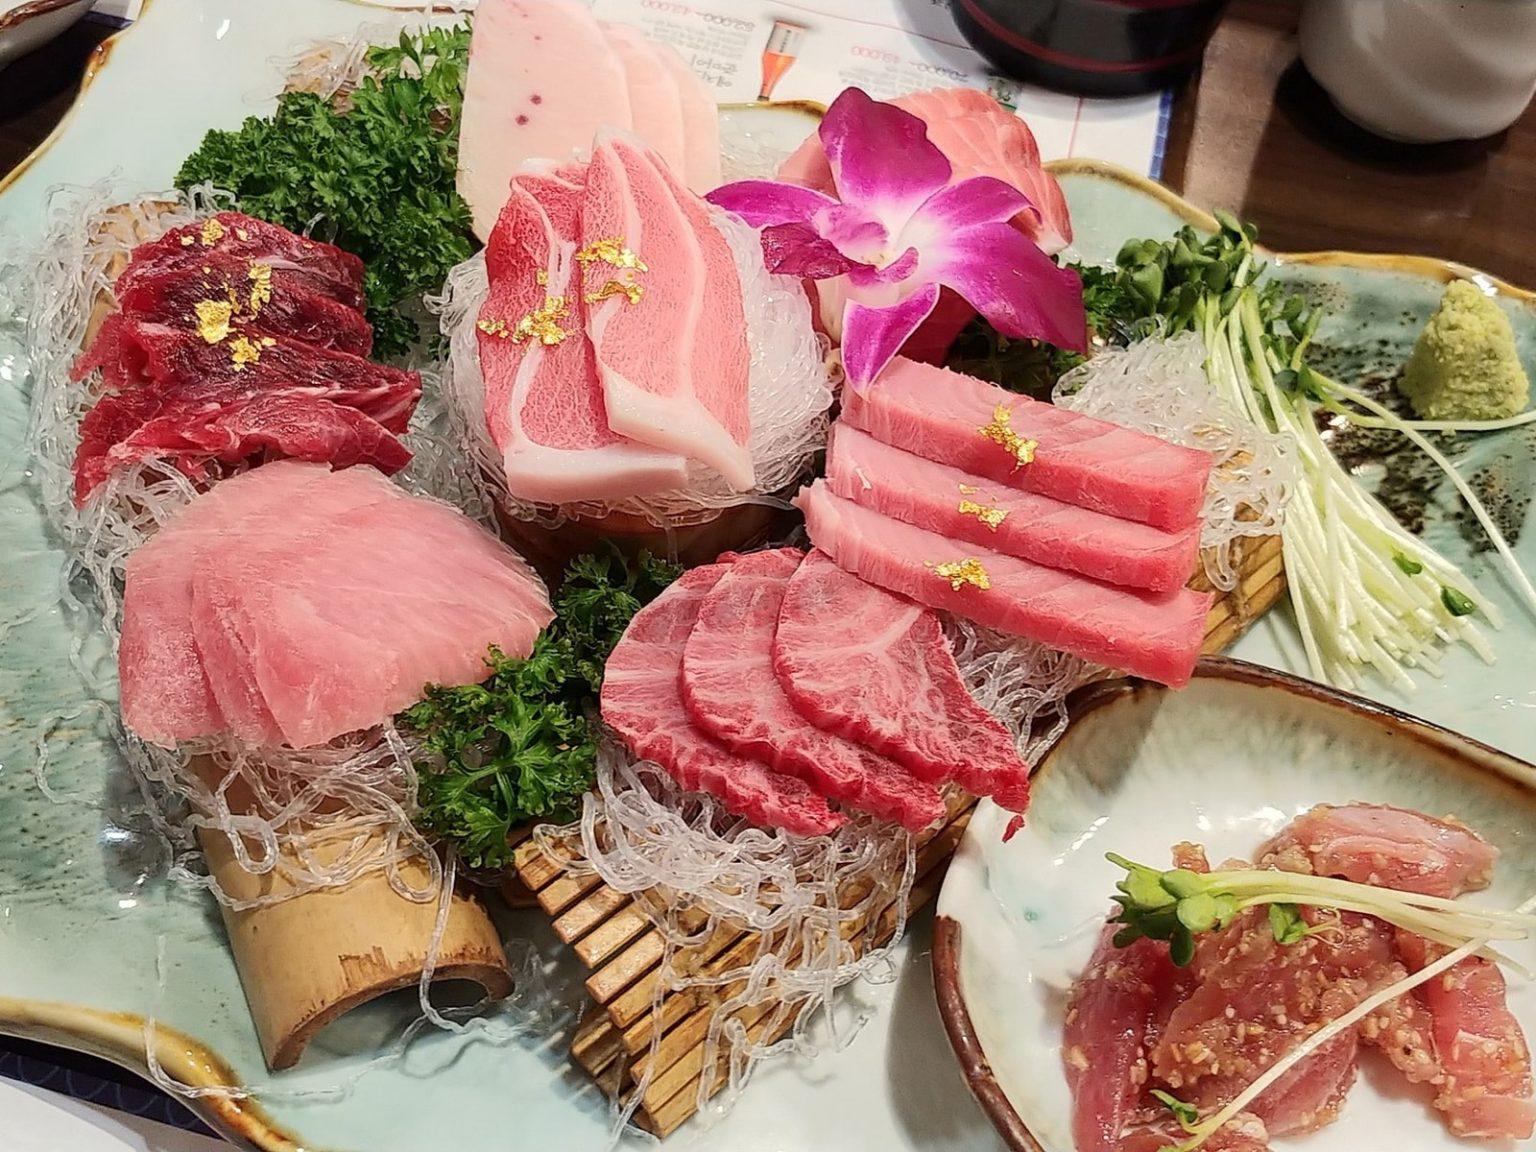 тунец способствует улучшению метаболизма